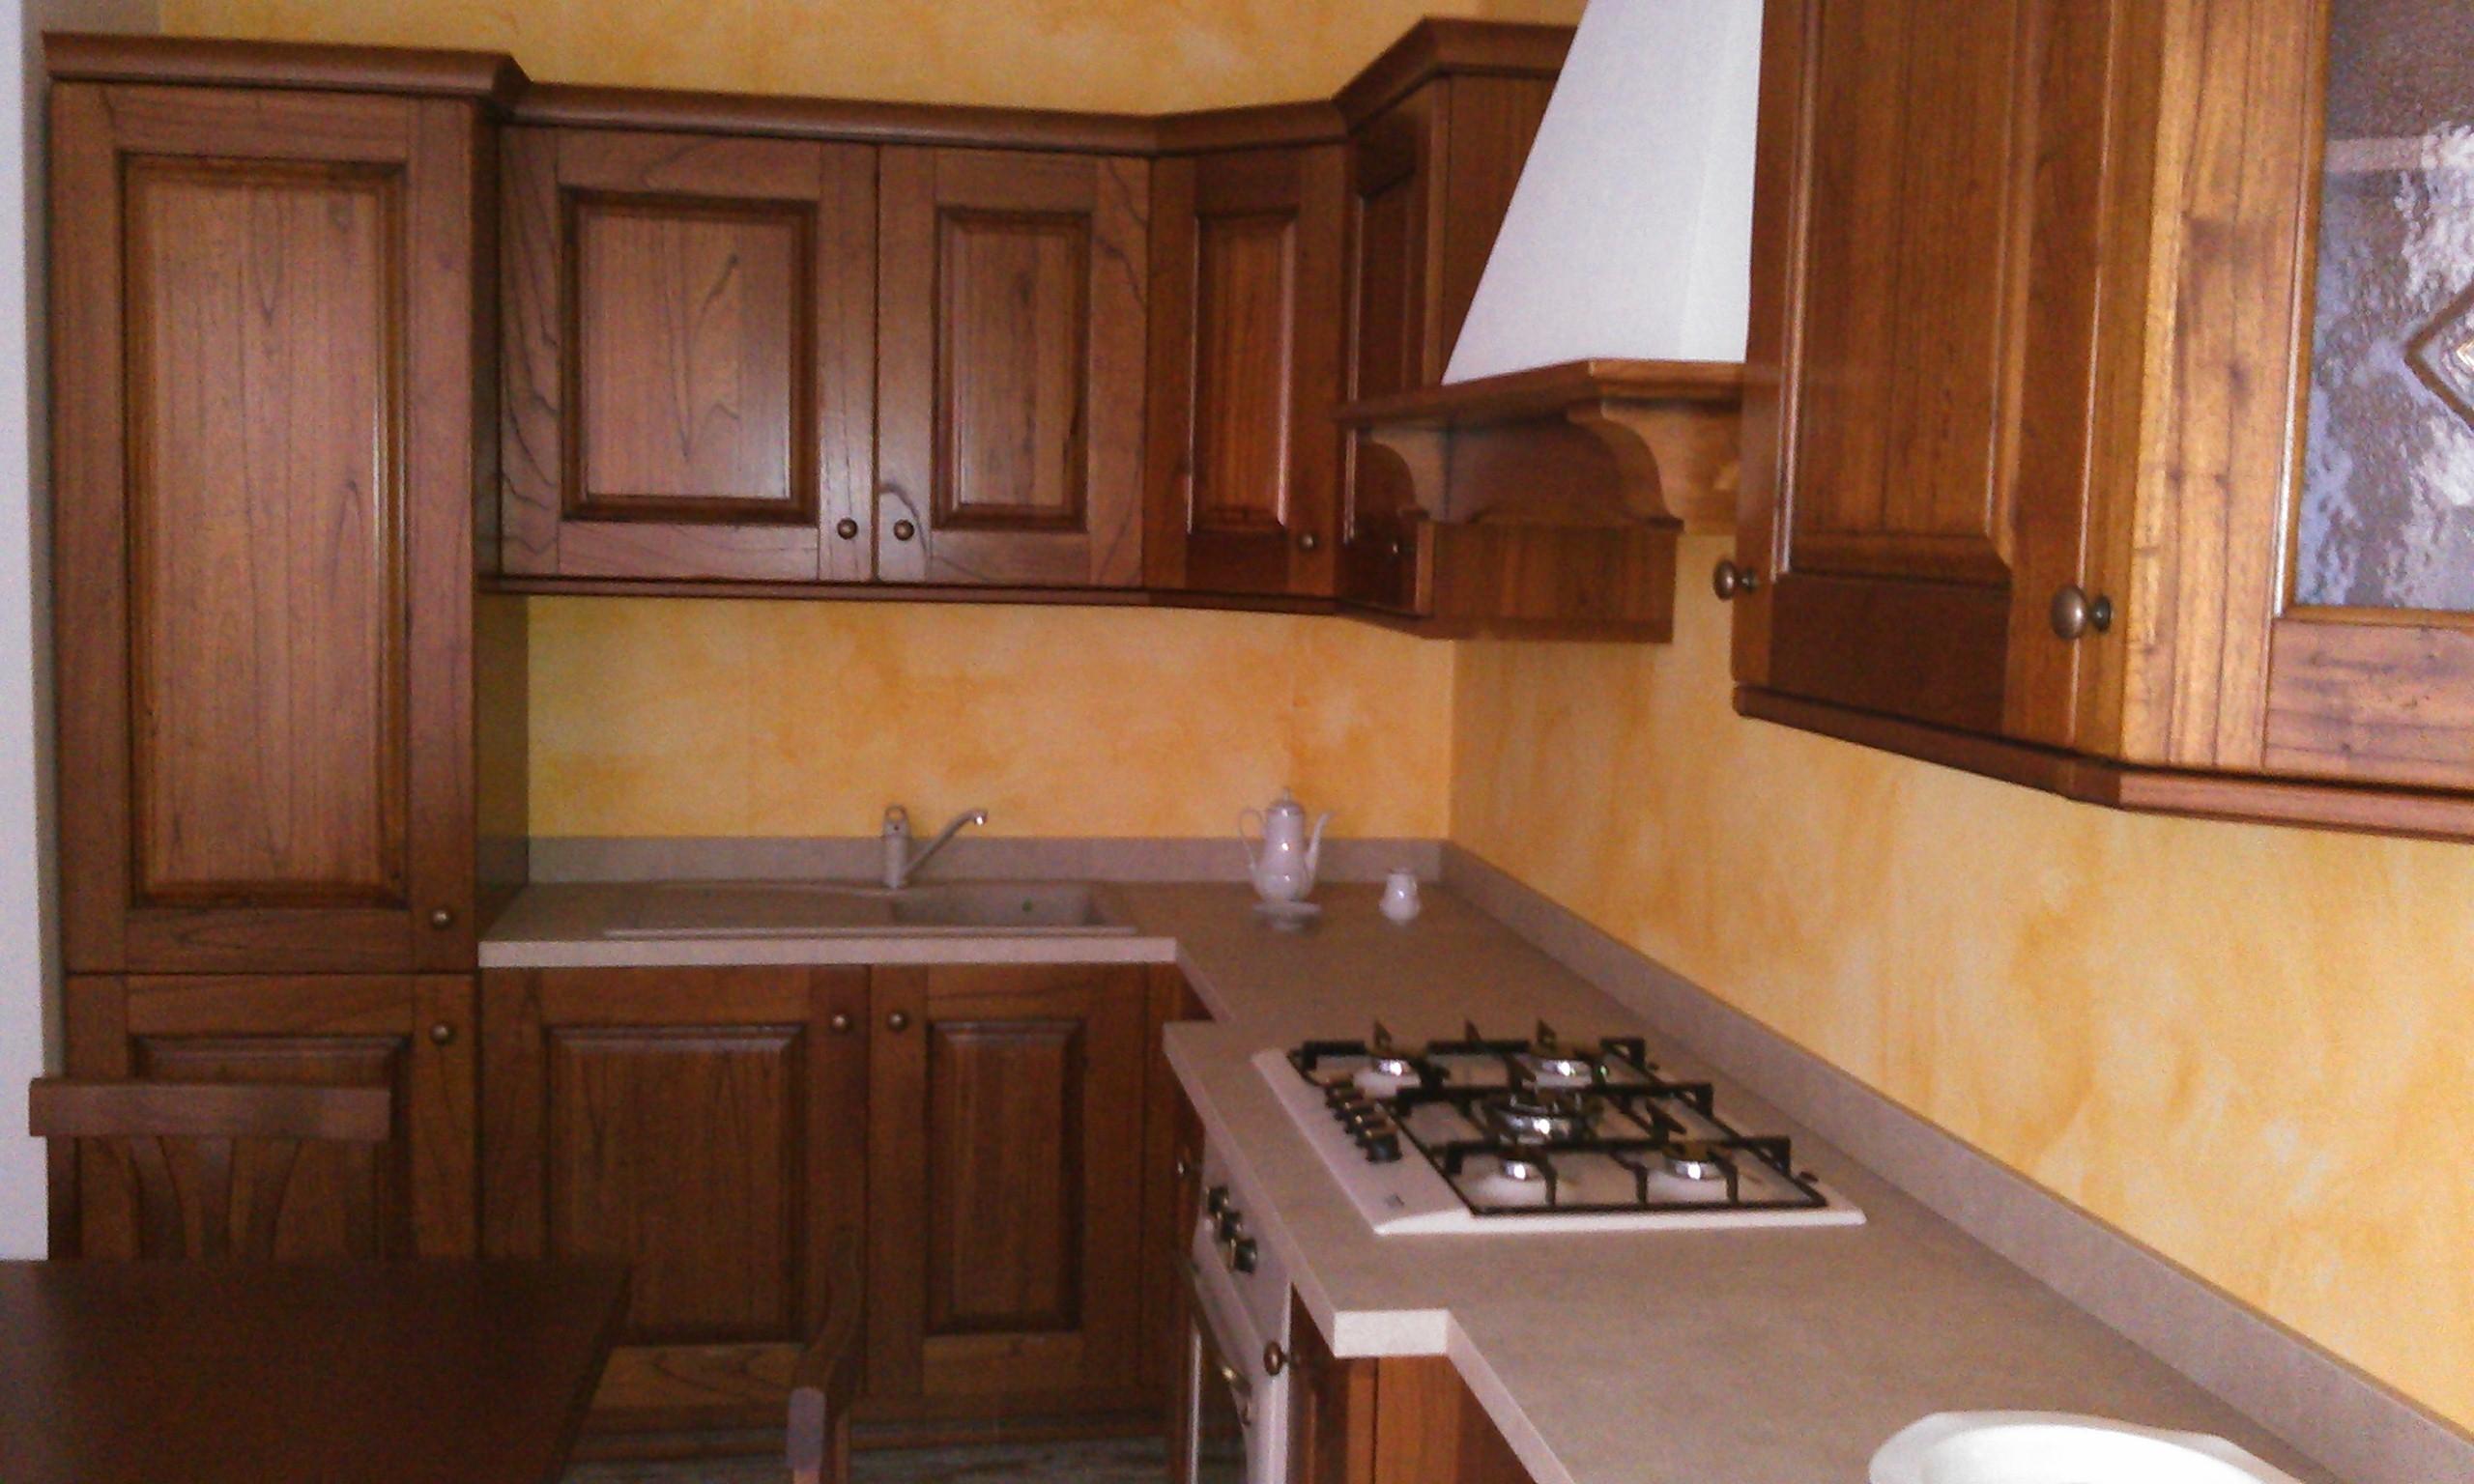 Cucina Rustica Con Isola In Marmo E Tetto In Legno Interior Design ...